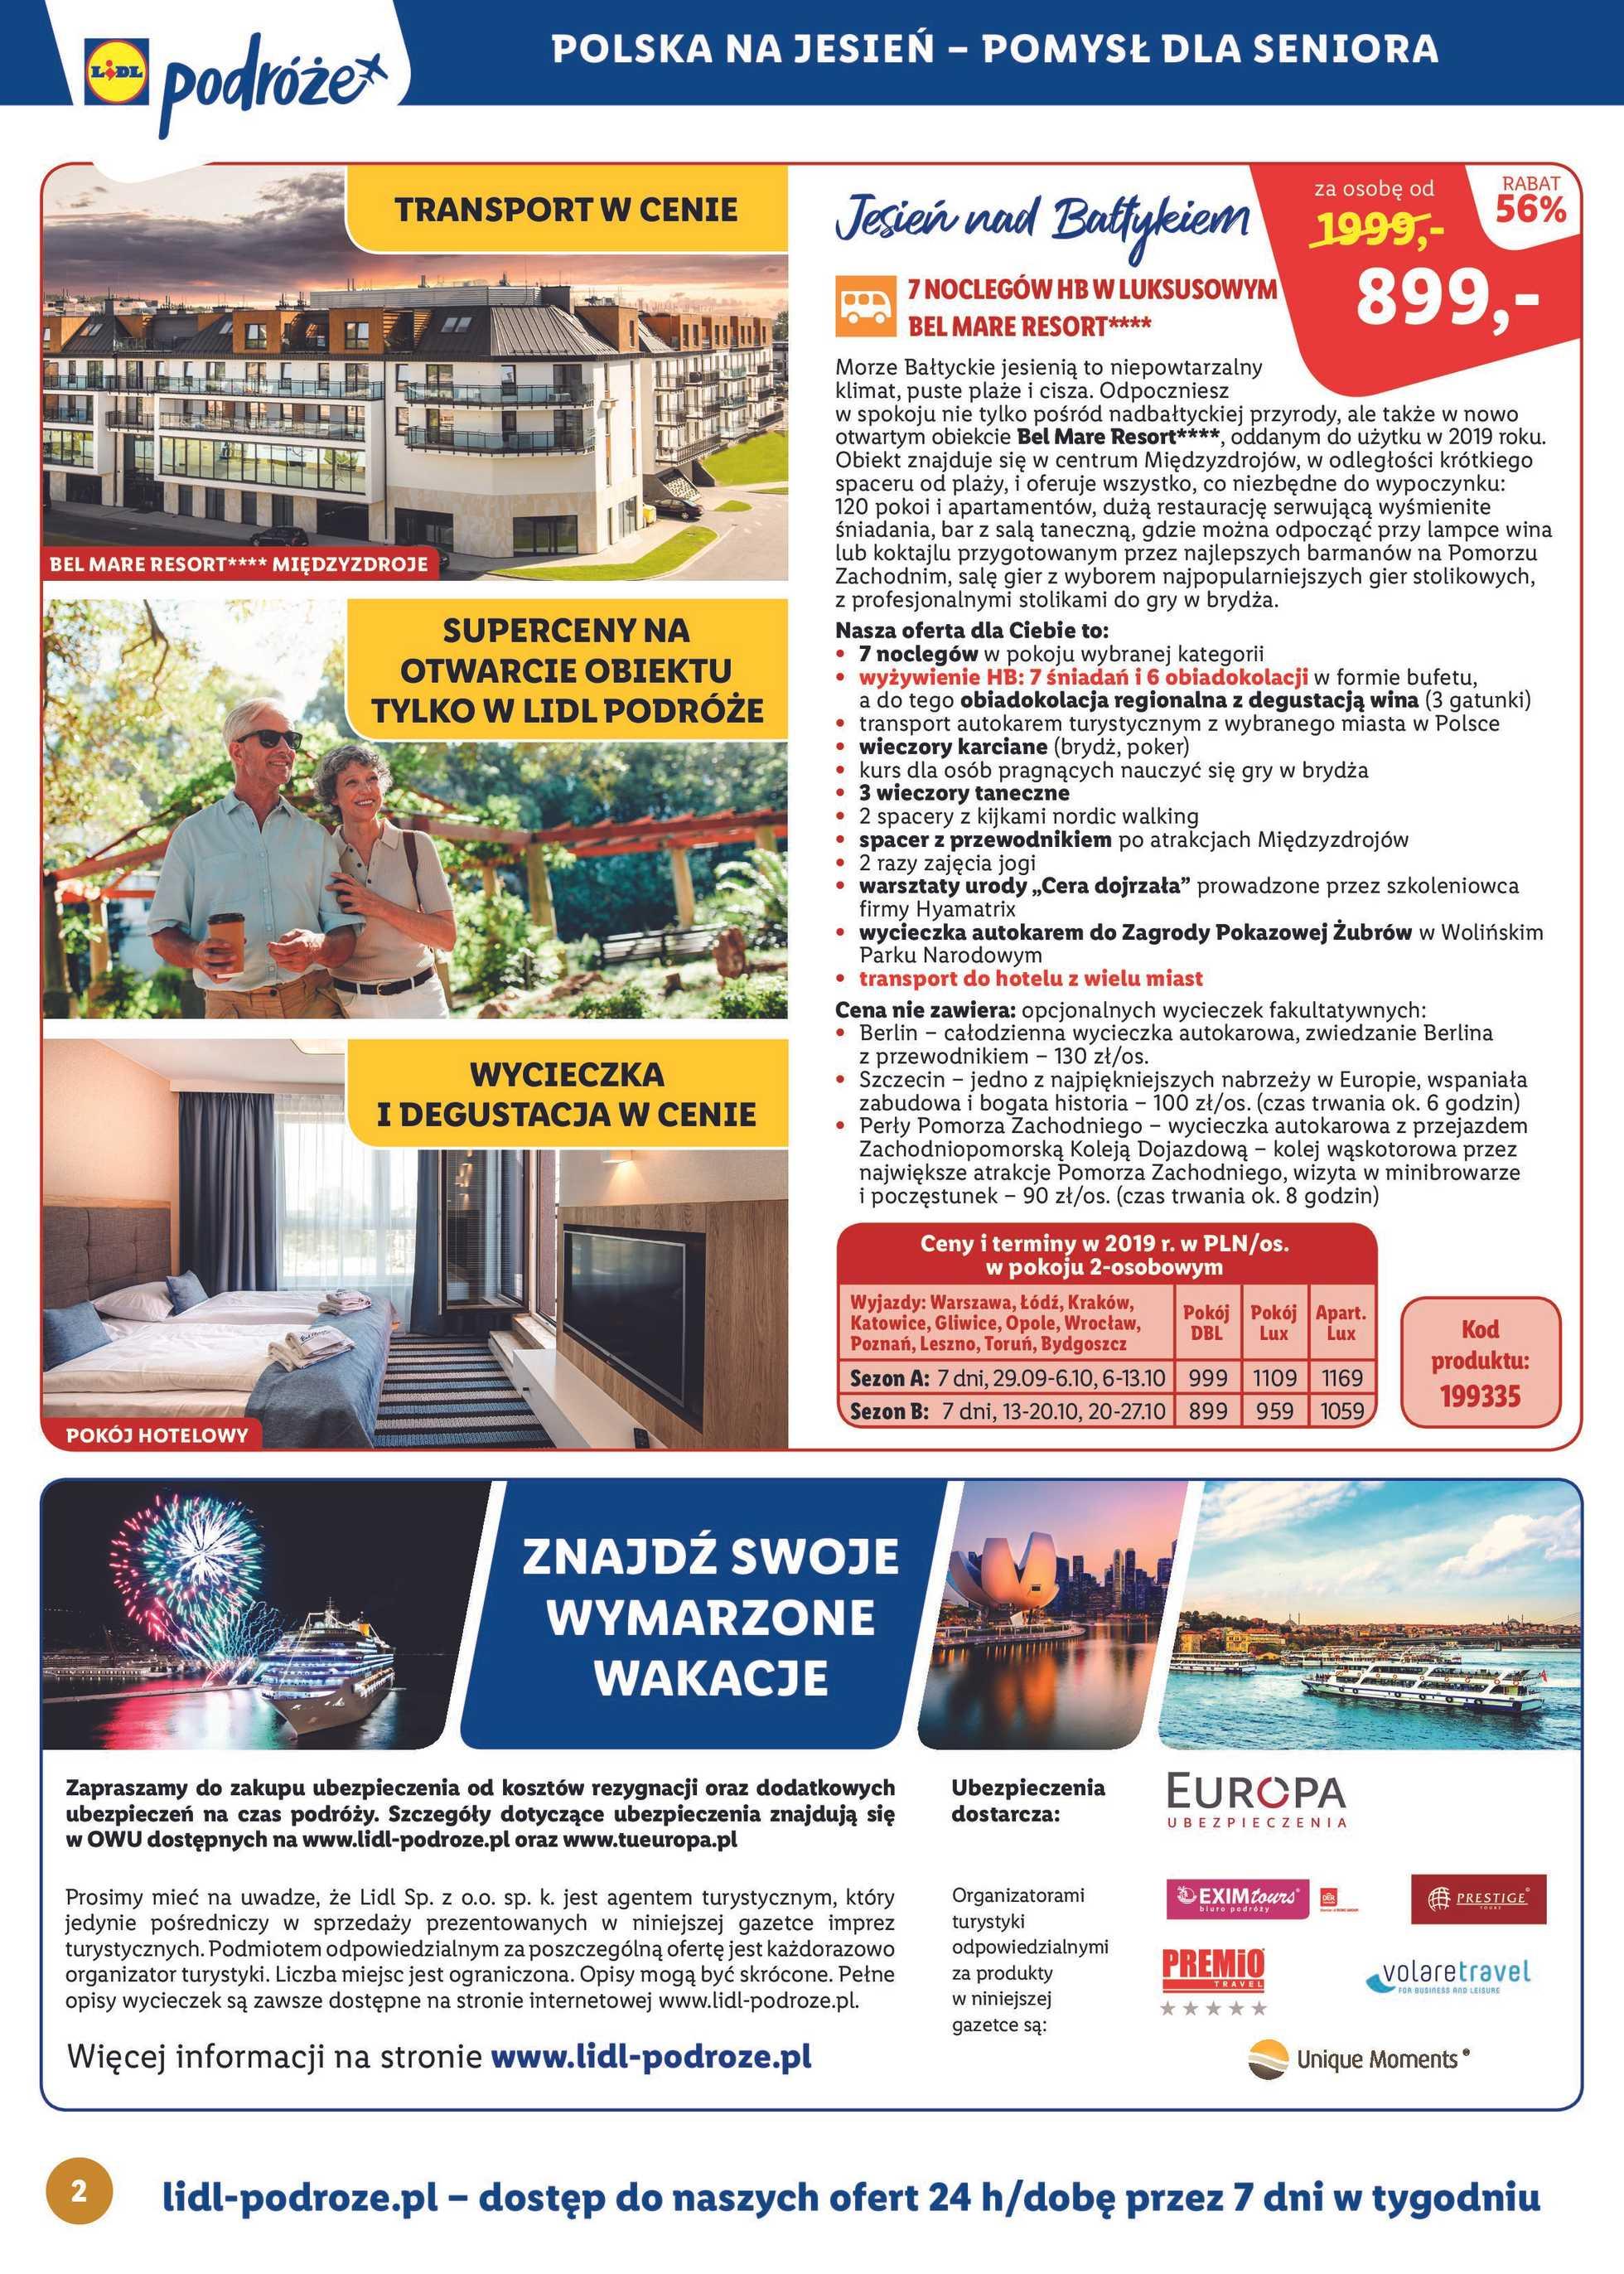 Lidl - gazetka promocyjna ważna od 19.08.2019 do 16.09.2019 - strona 2.